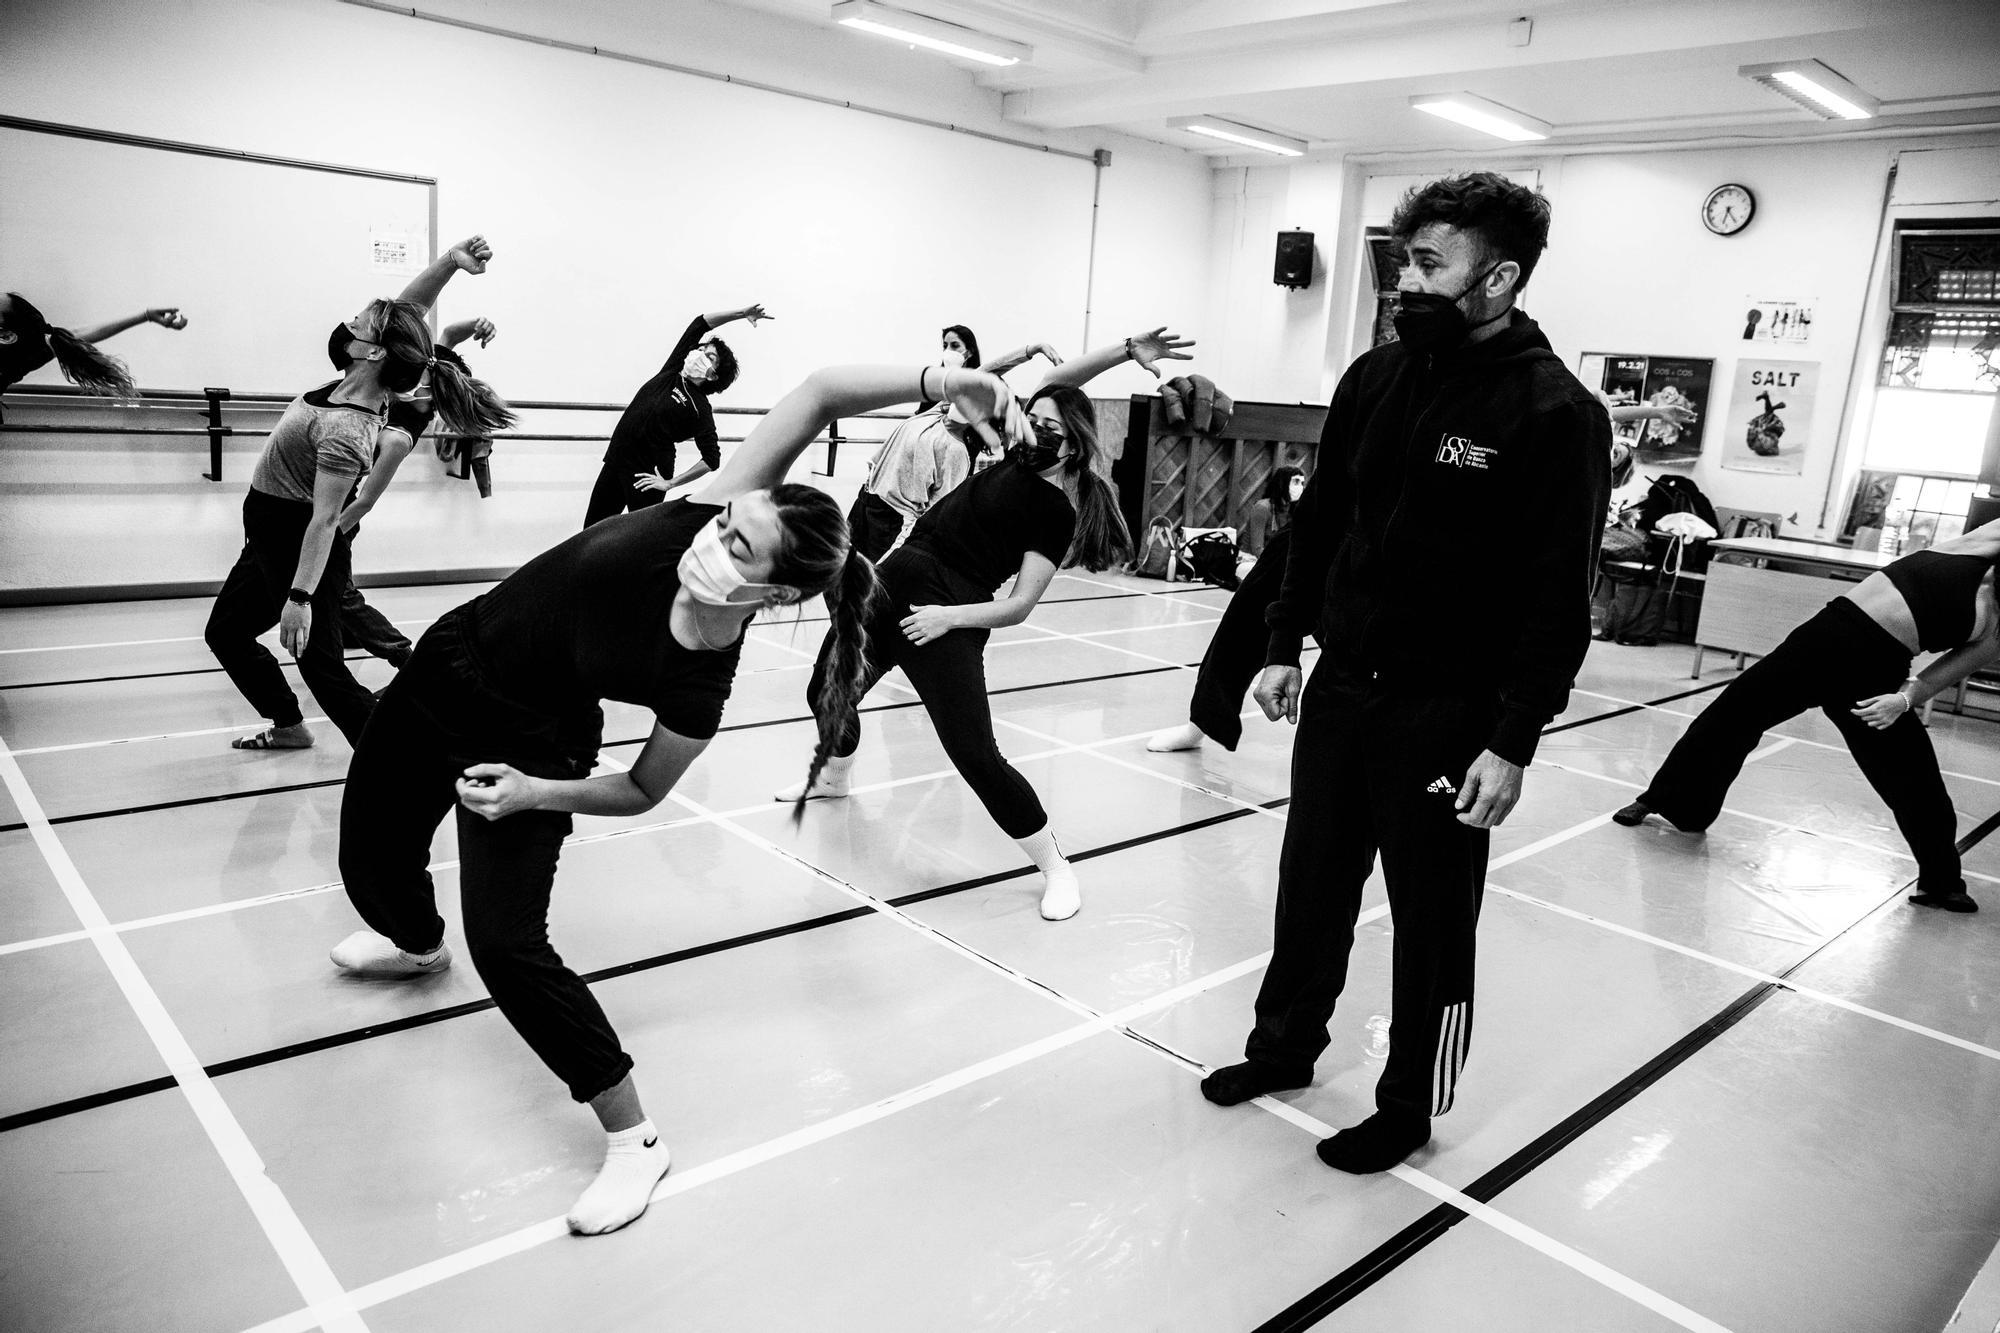 La música y la danza plantan cara a la pandemia